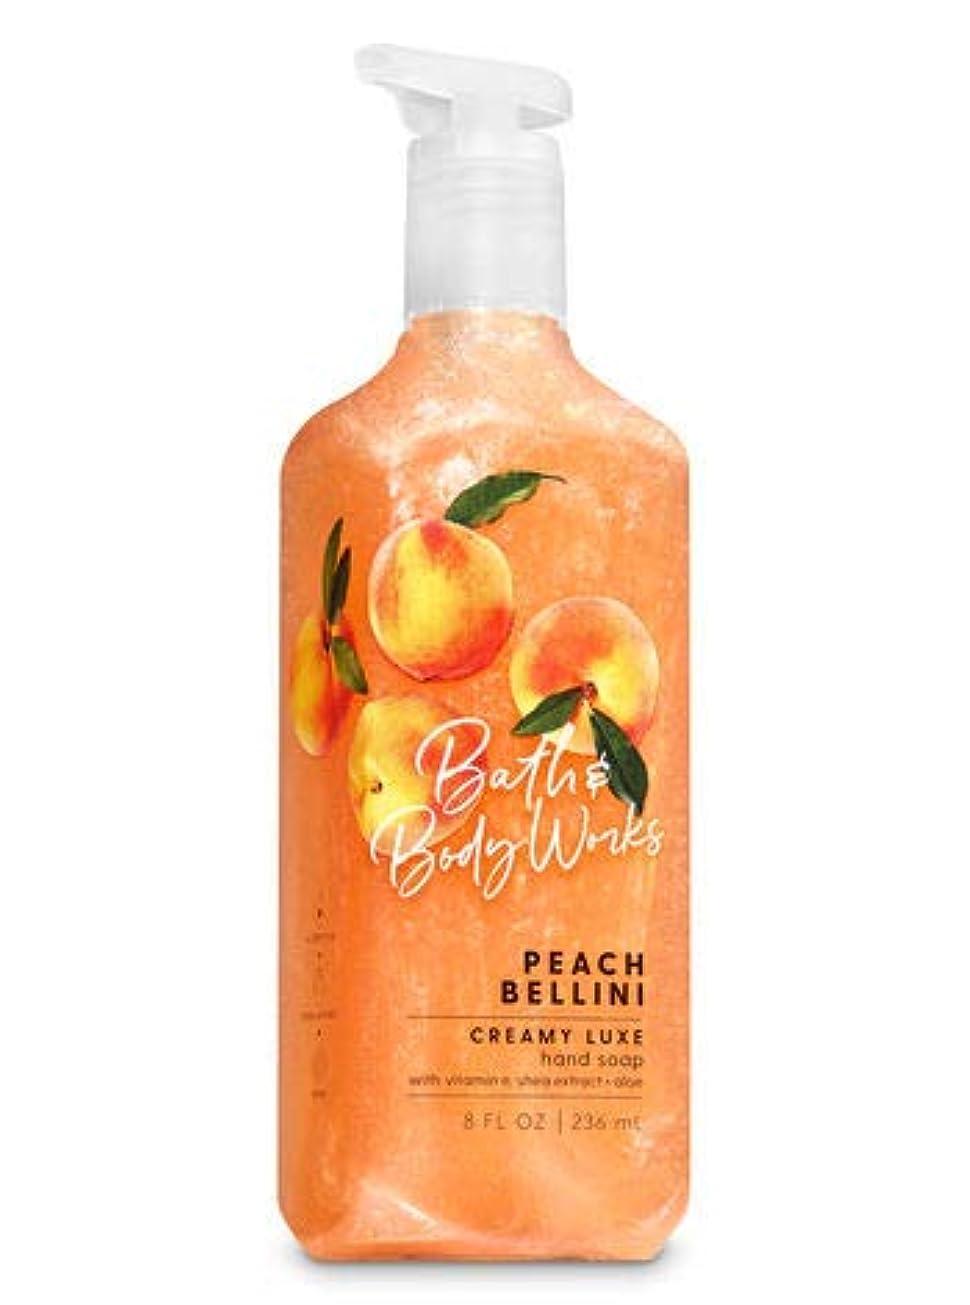 再編成する大工定説バス&ボディワークス ピーチベリーニ クリーミーハンドソープ Peach Bellini Creamy Luxe Hand Soap With Vitamine E Shea Extract + Aloe